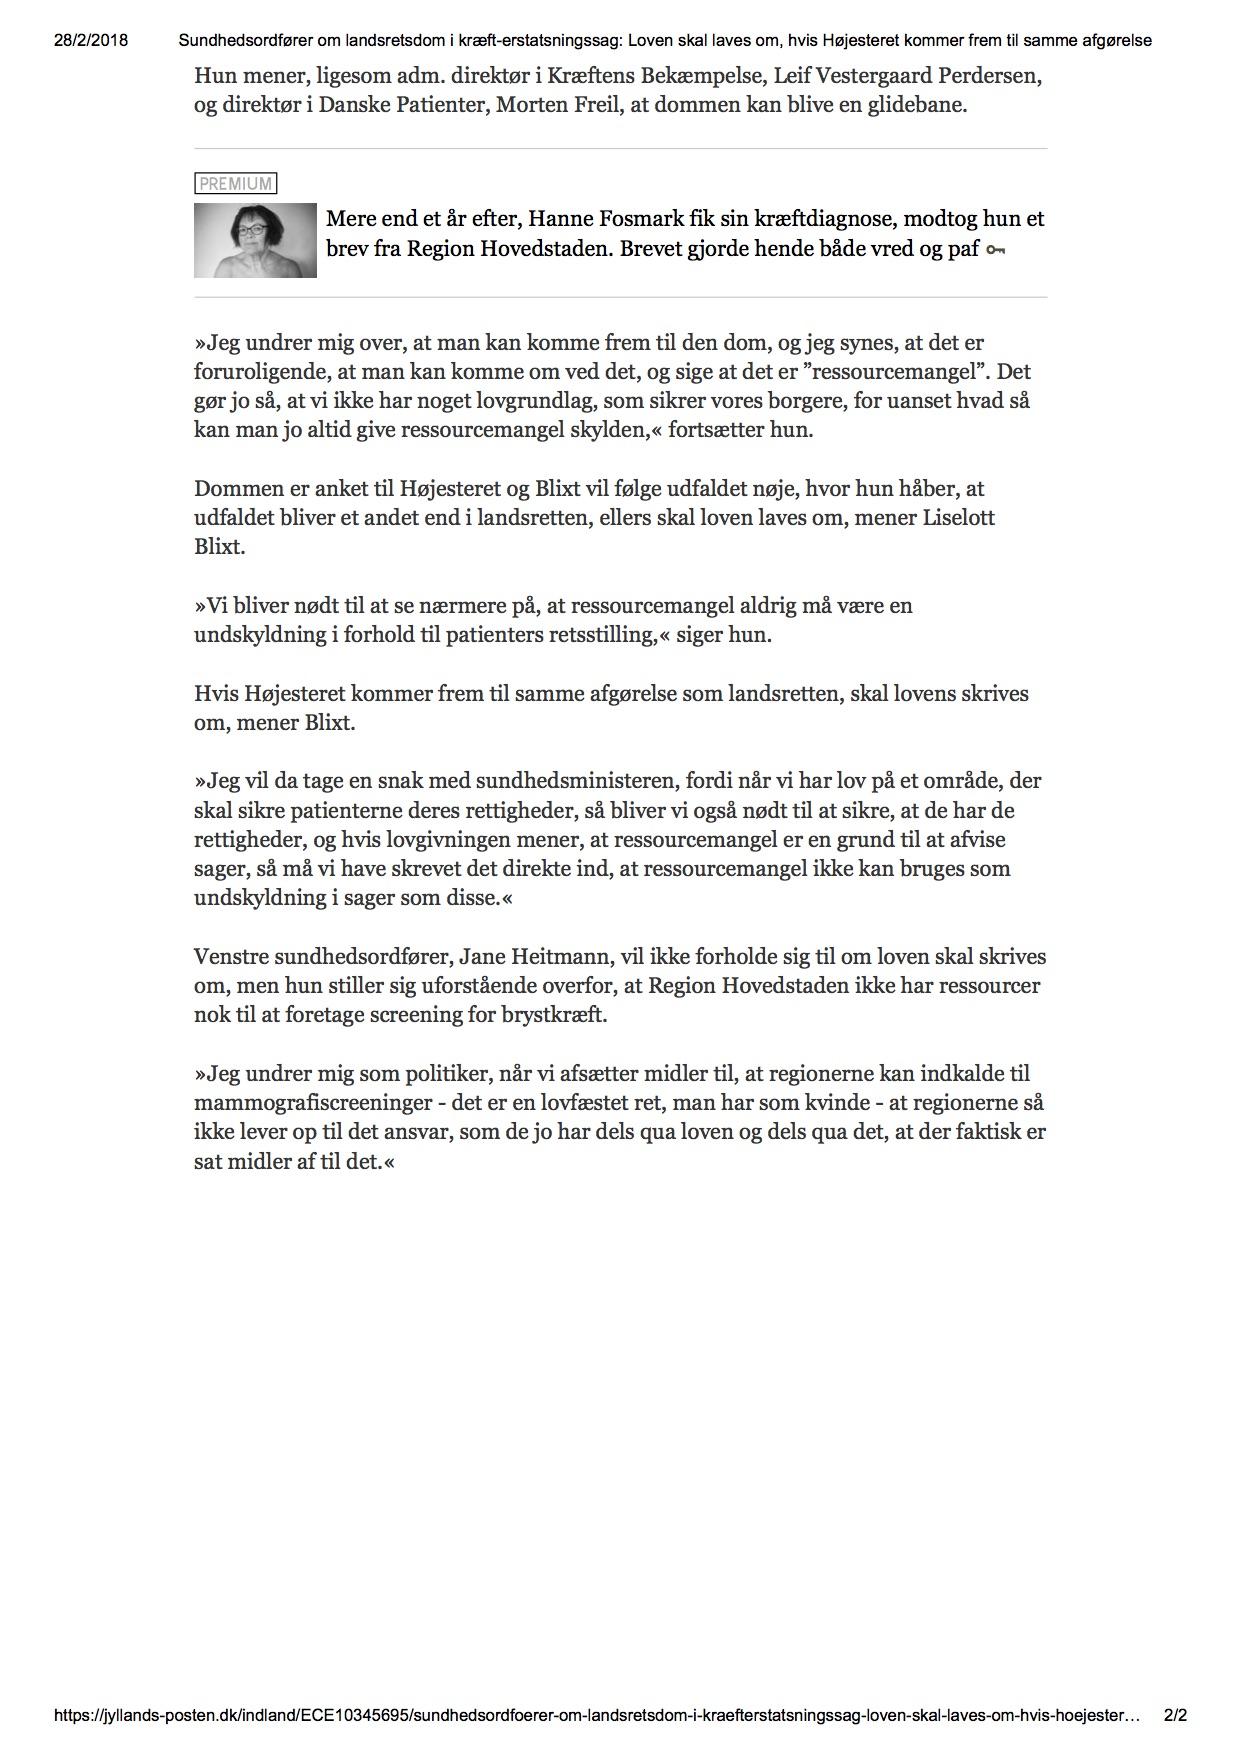 Sundhedsordfører om landsretsdom i kræft-erstatsningssag_ Loven skal laves om, hvis Højesteret kommer frem til samme afgørelse.jpg